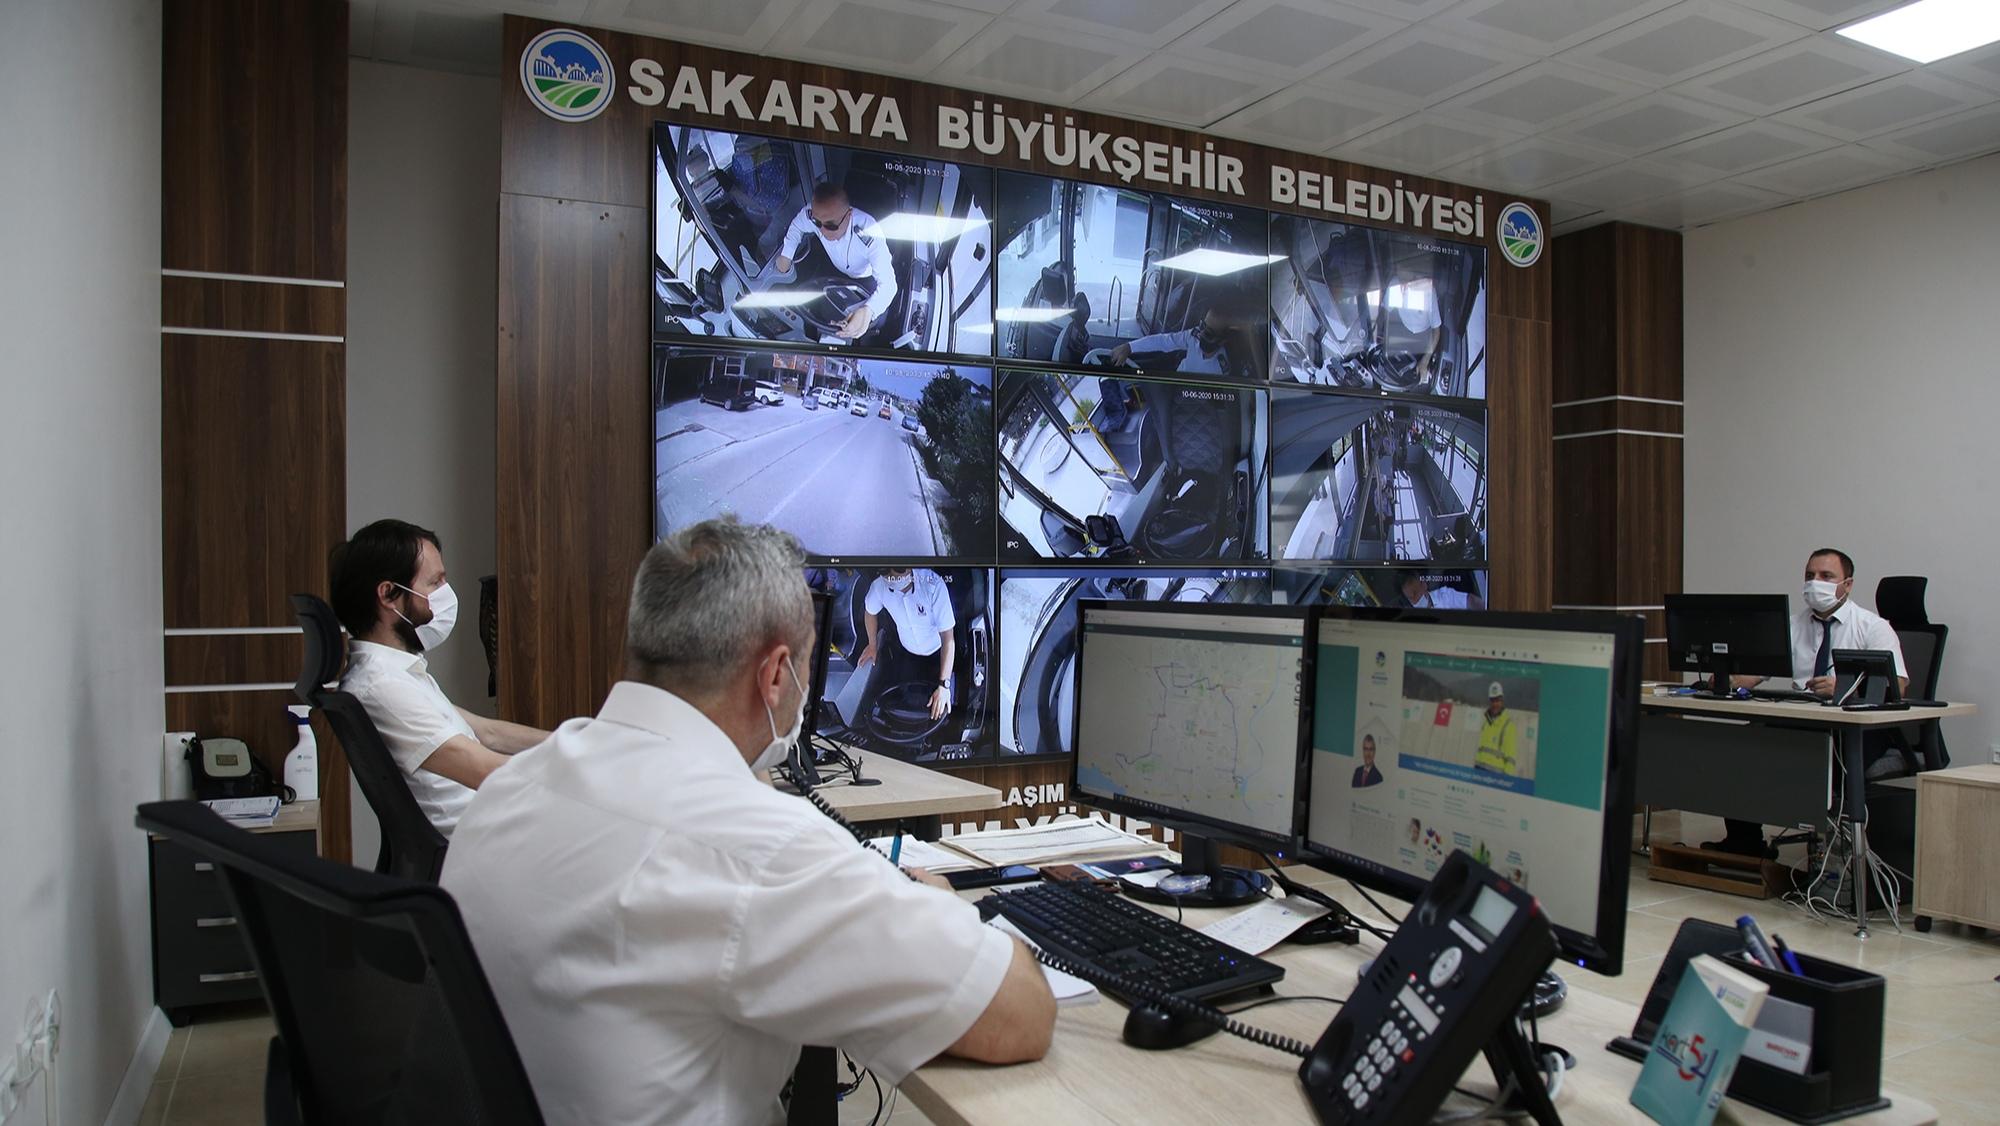 Ulaşım Yönetim Merkezi'ne 2020'de 35 bin çağrı